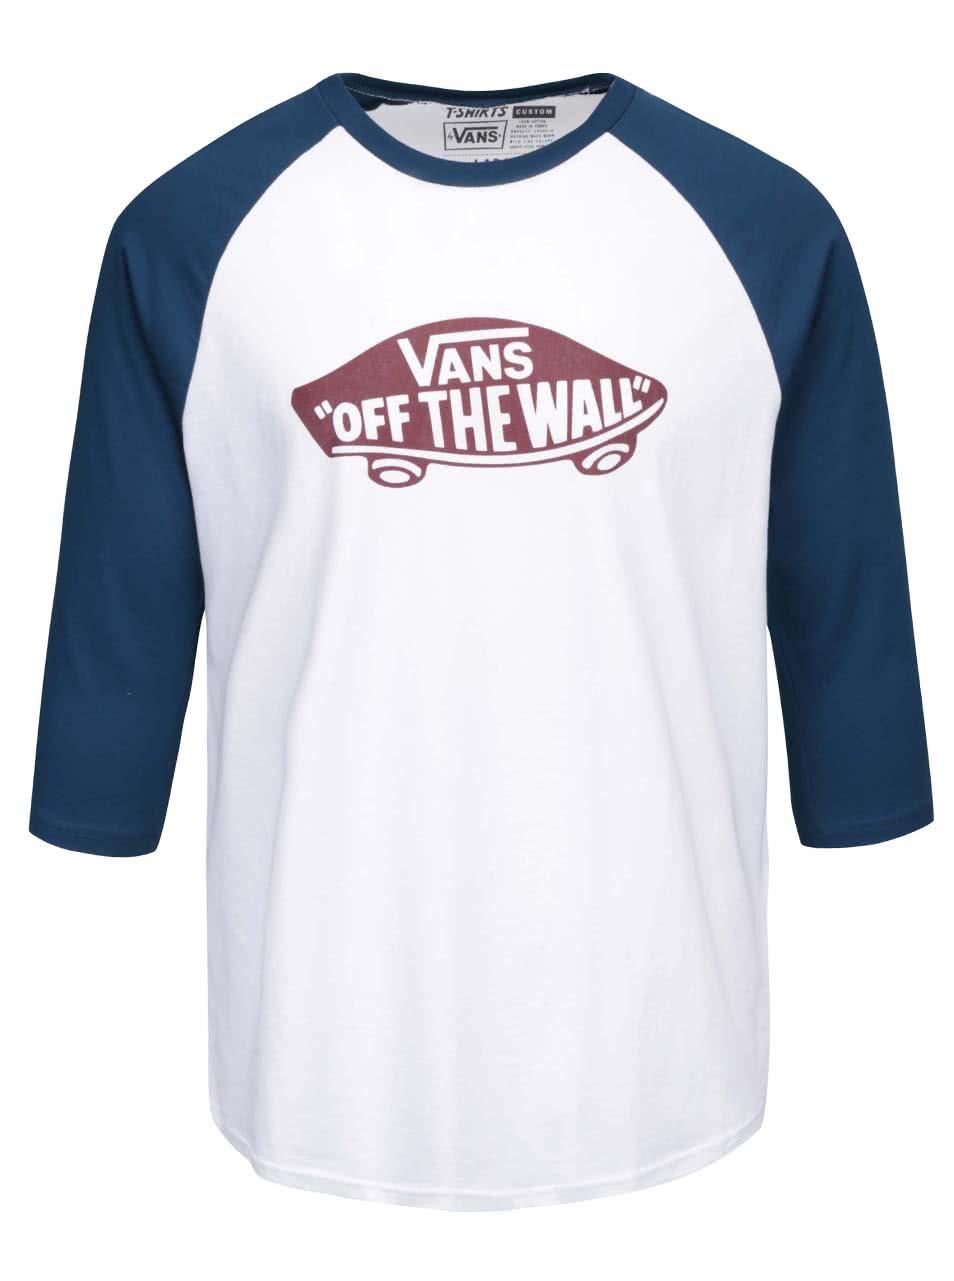 Modro-biele pánske tričko s 3 4 rukávmi a potlačou Vans Raglan  8587ad9d256